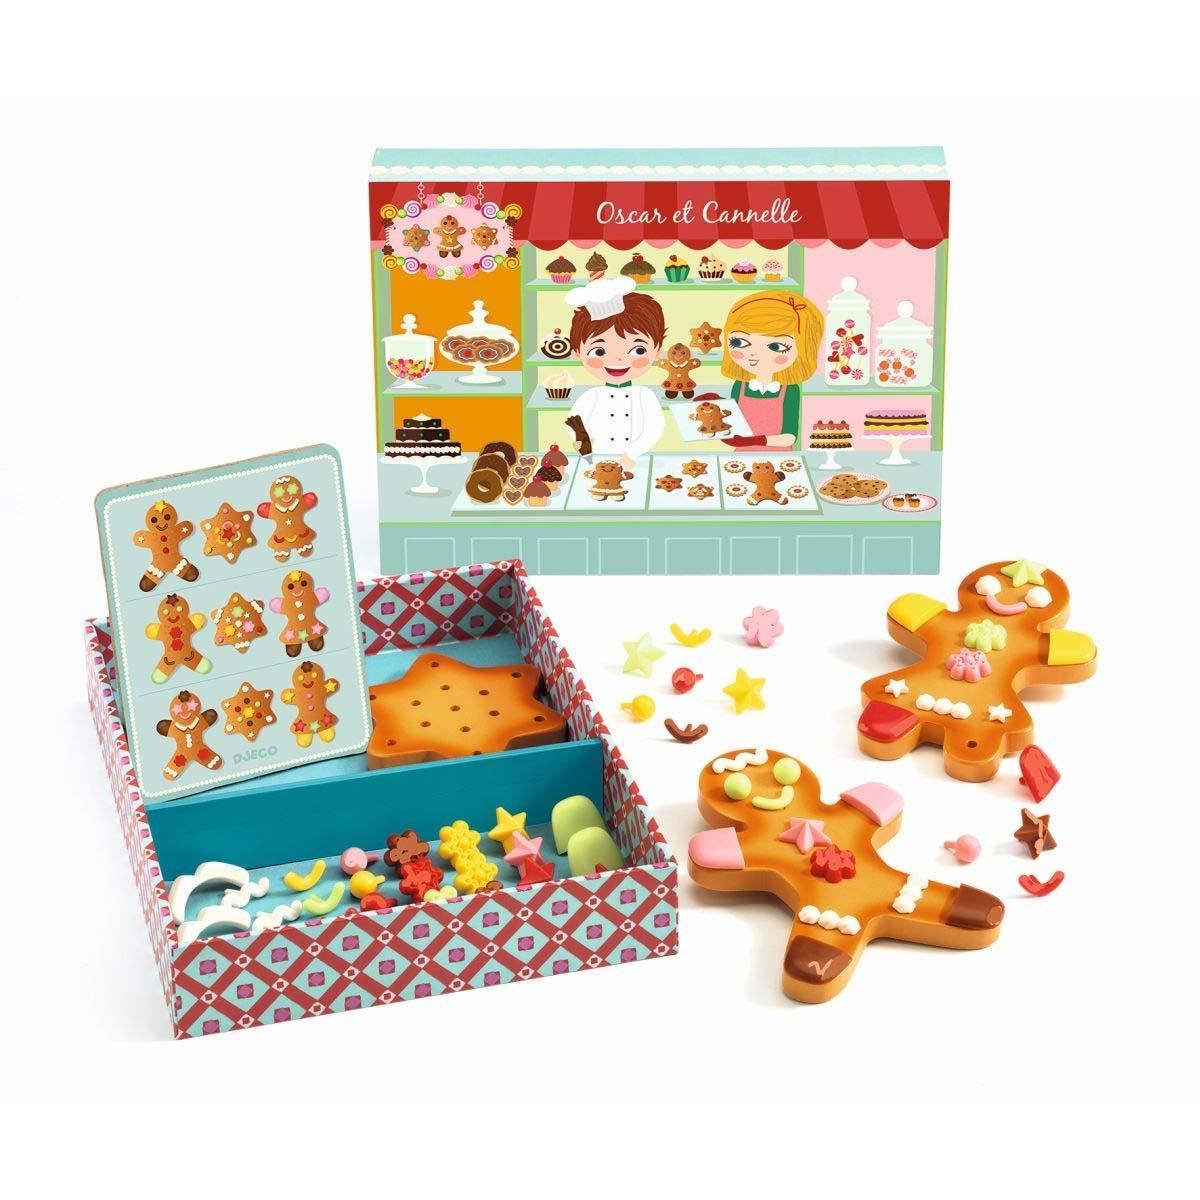 Набор сюжетно-ролевой игры - Печенье Оскара и КанэльАксессуары и техника для детской кухни<br>Набор сюжетно-ролевой игры - Печенье Оскара и Канэль<br>